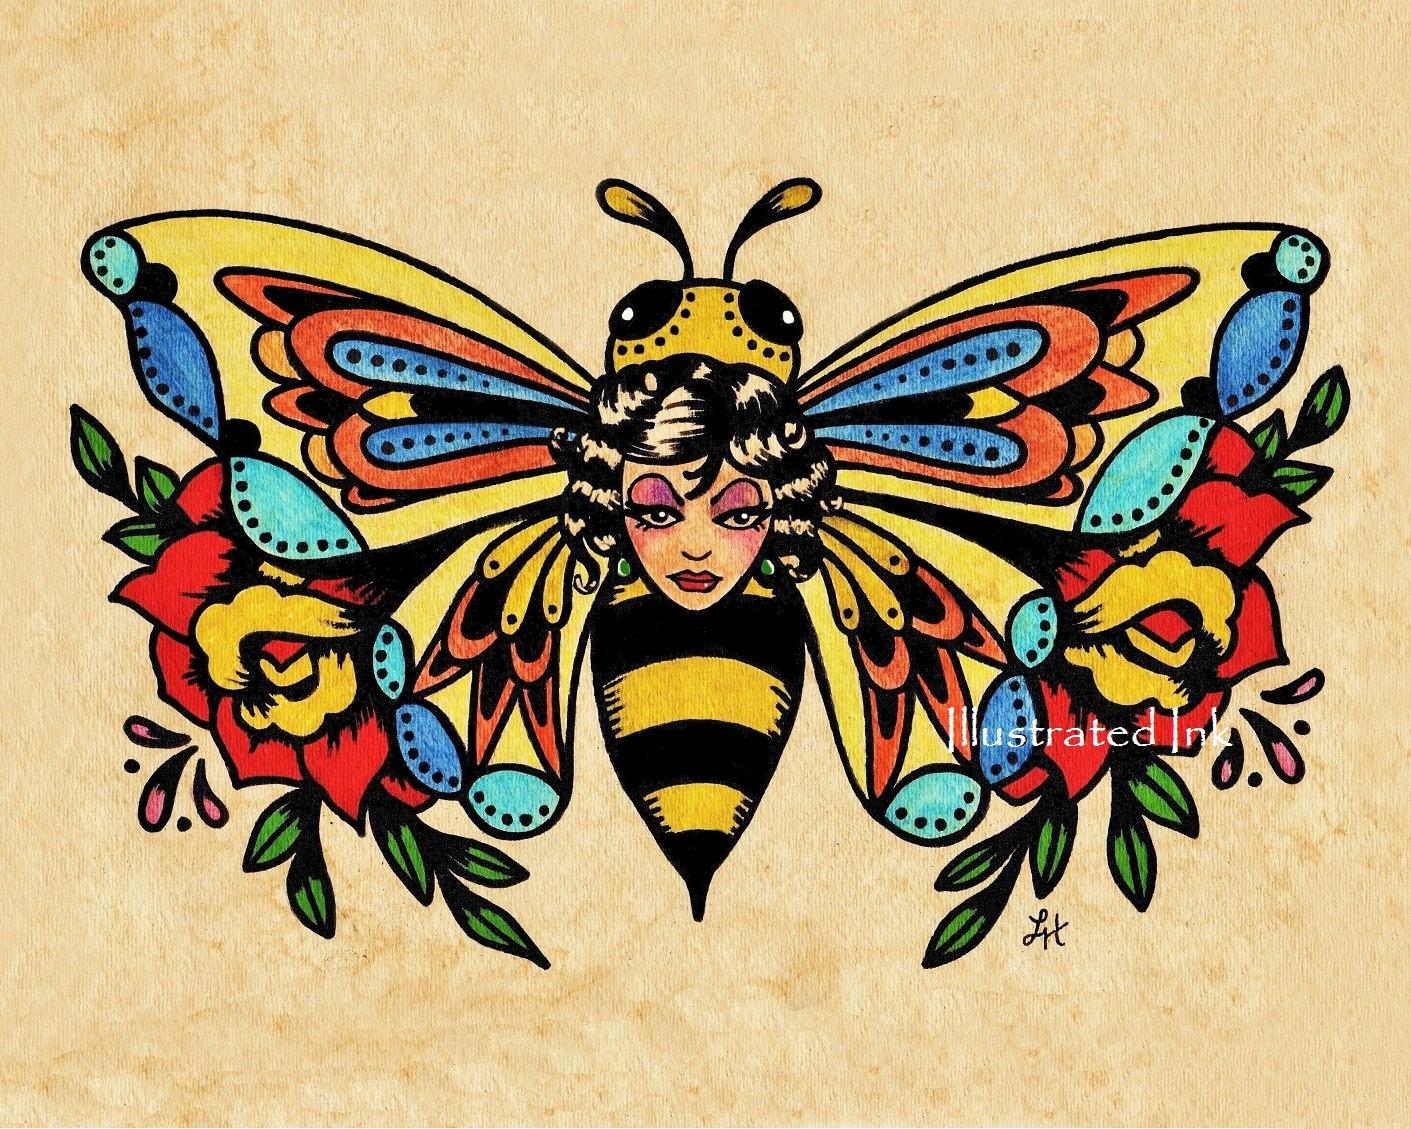 Old School Tattoo Art BEE Beauty Butterfly Print 5 x 7 8 x 10 | Etsy